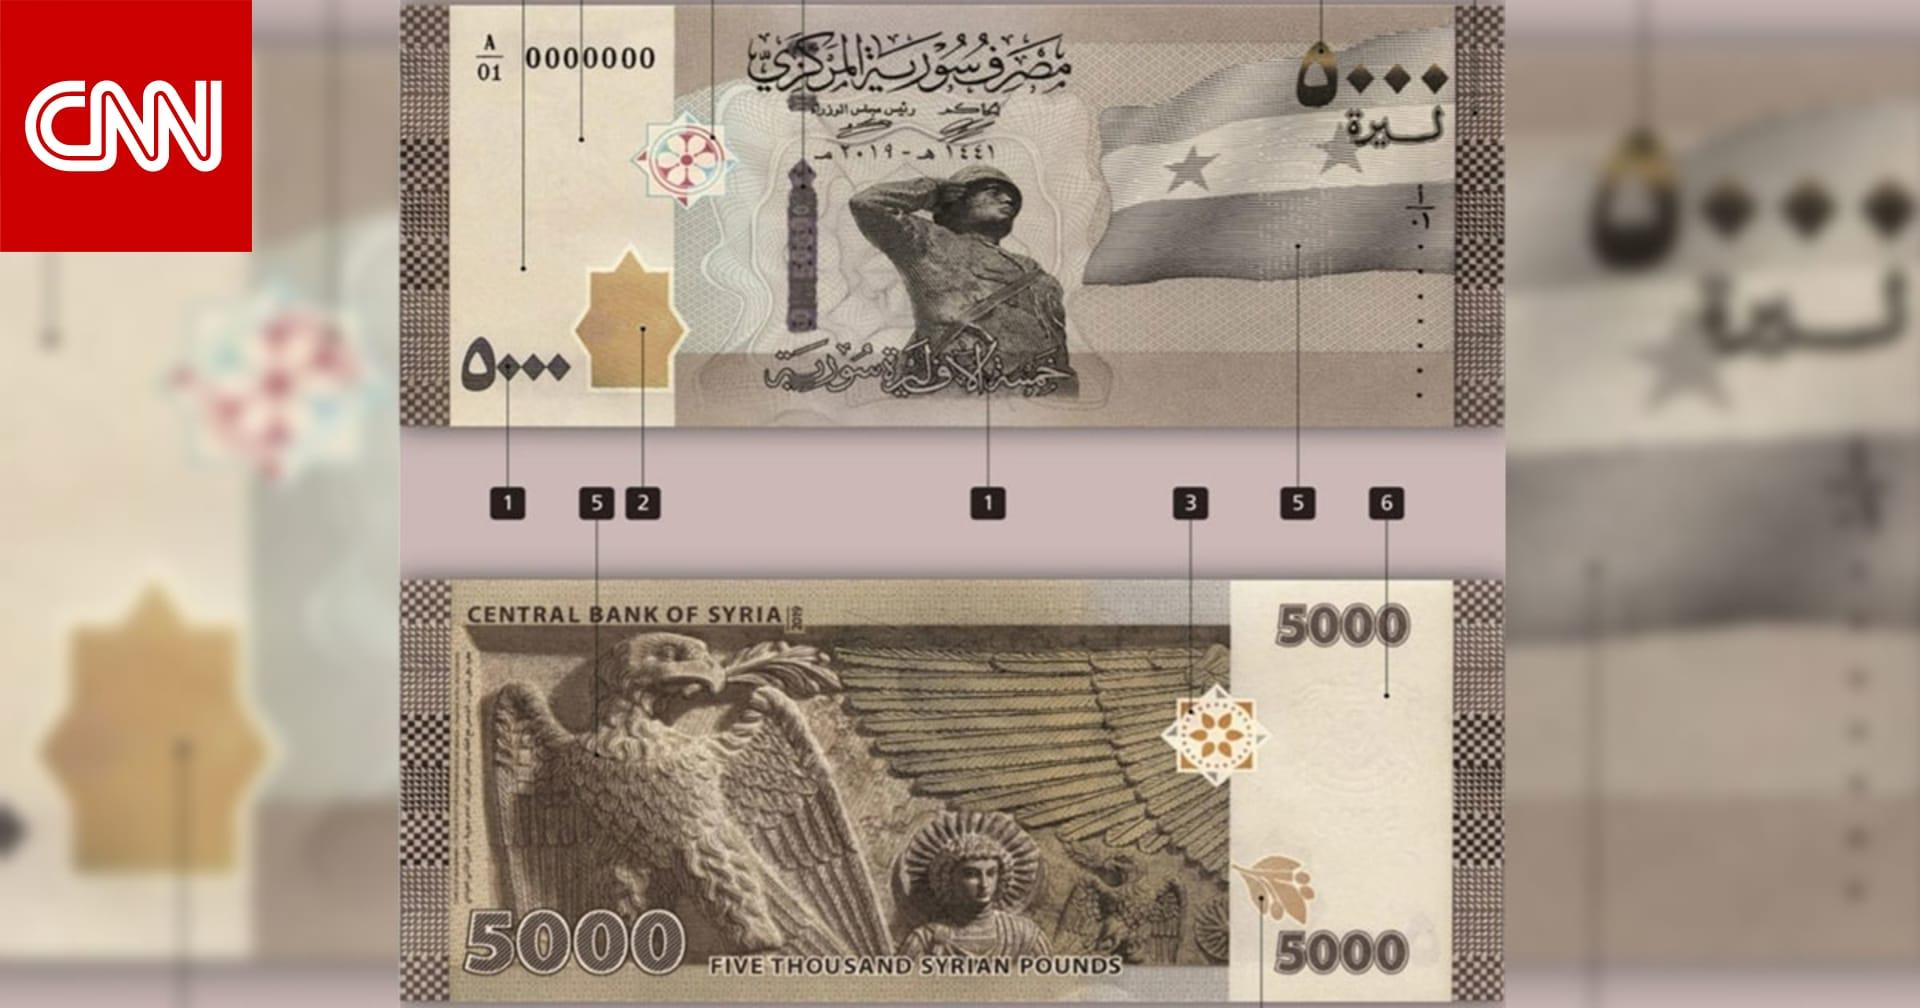 وسط تدهور قيمتها.. سوريا تطرح ورقة نقدية جديدة هي الأكبر في تاريخها